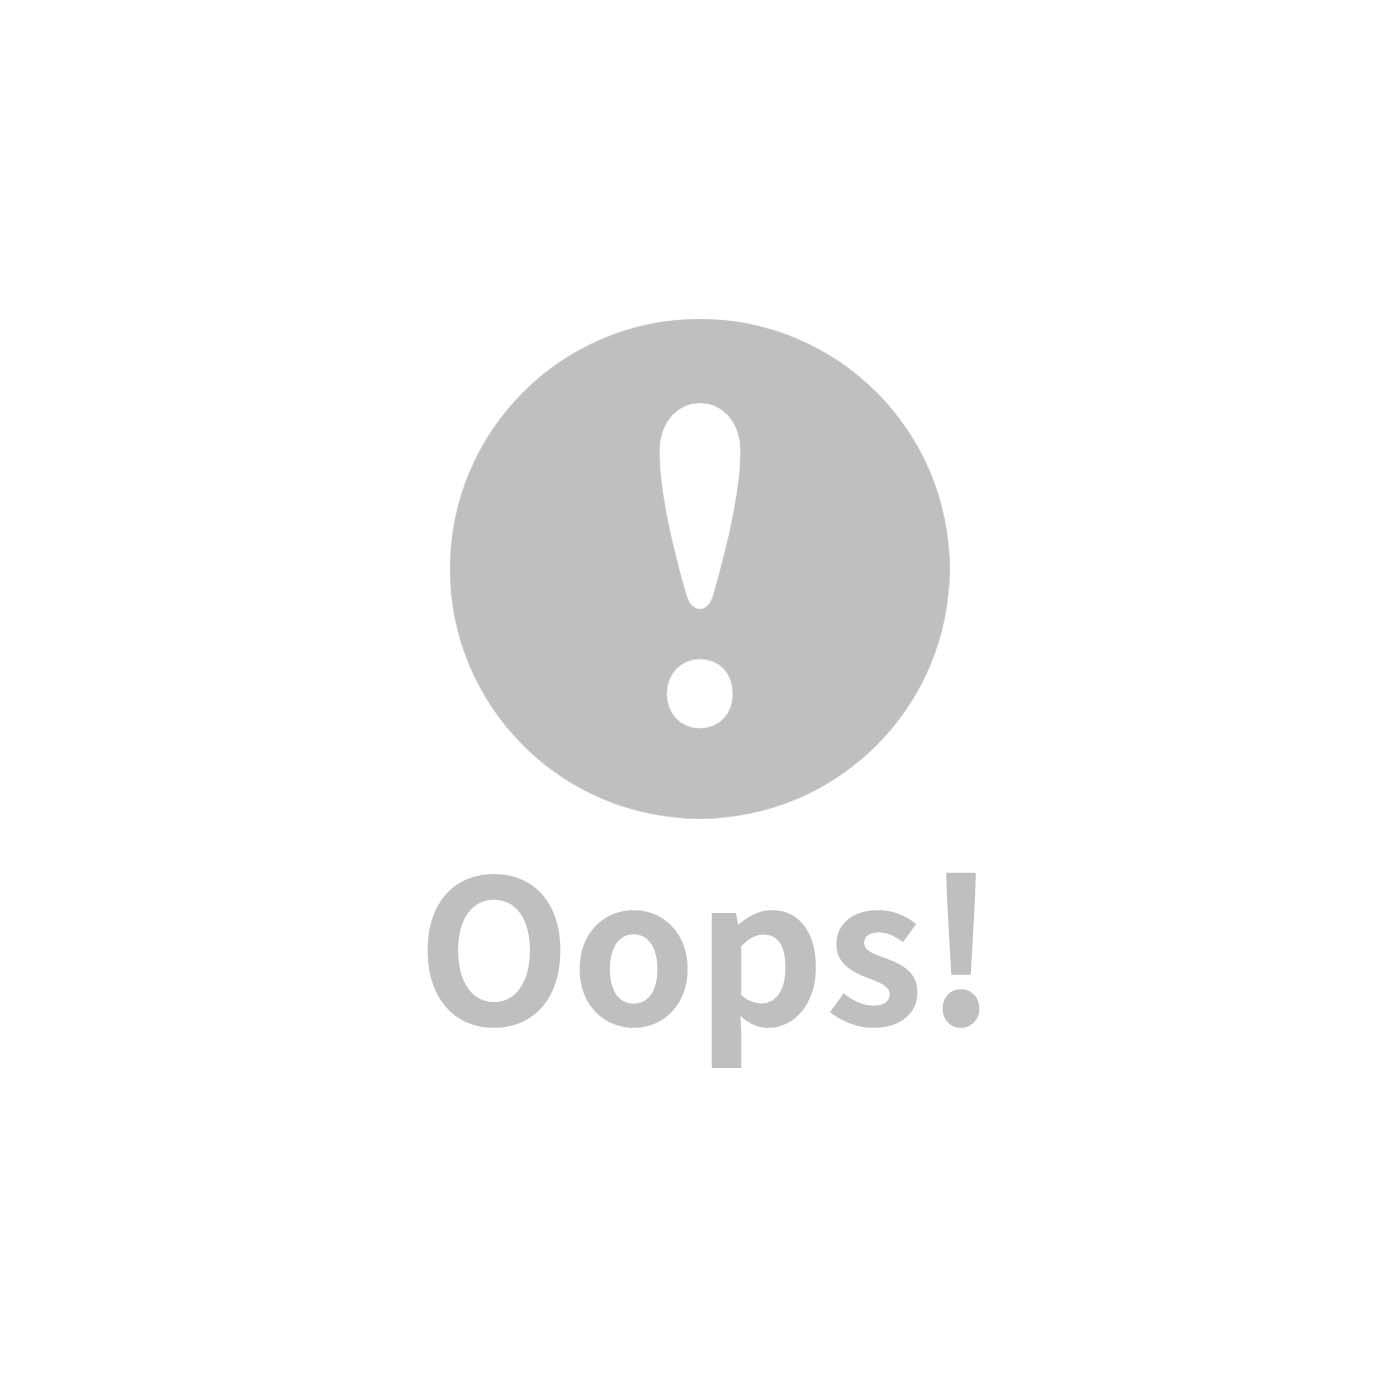 air cossi 超透氣抗菌天絲坐墊_嬰兒推車枕頭 (寶寶頭頸支撐款4m-3y)(輕柔藍)